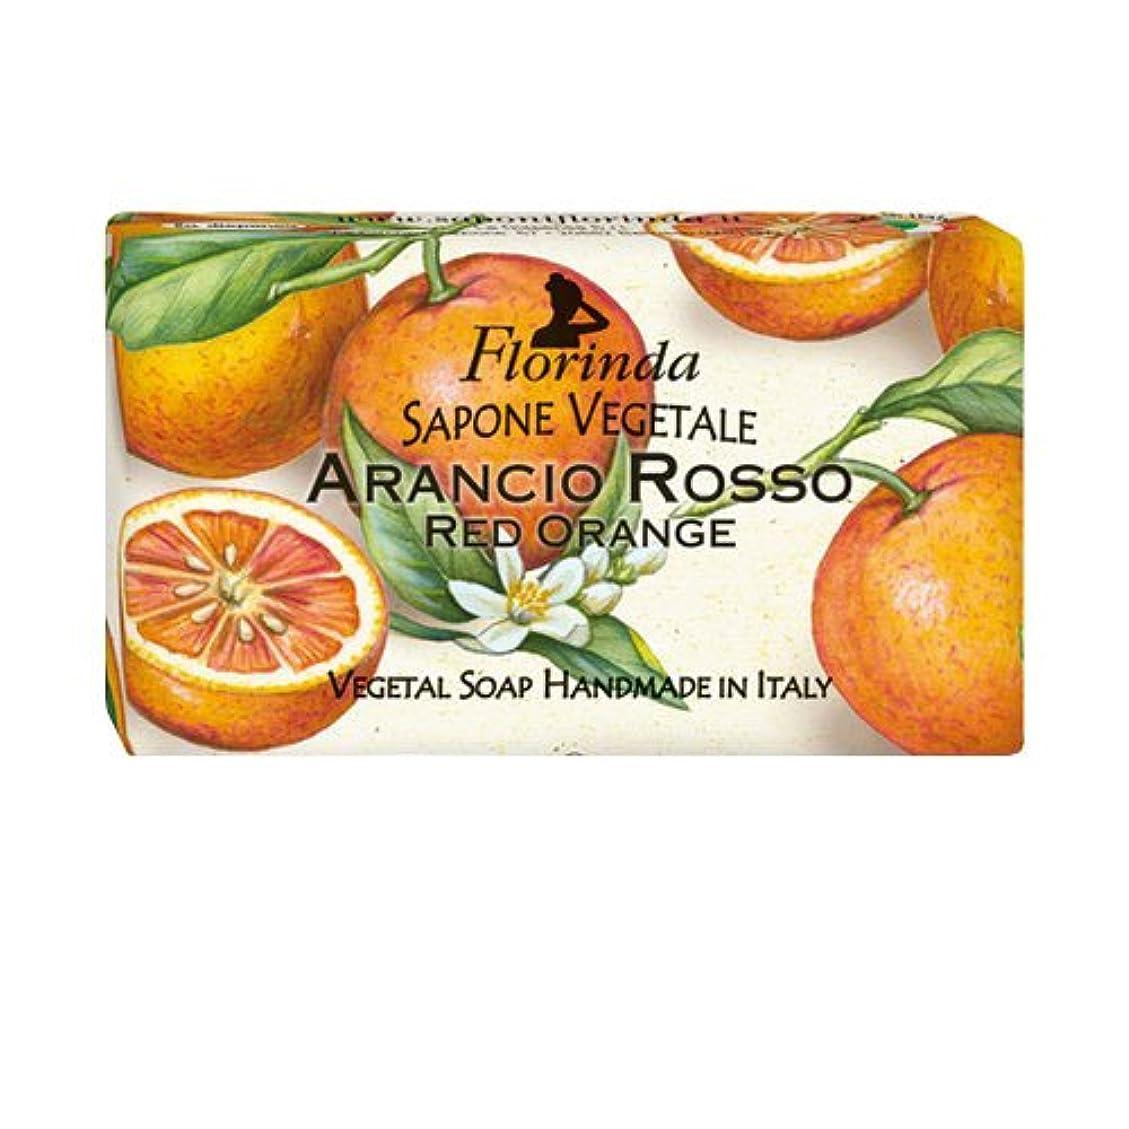 麻痺させる内向きコントローラフロリンダ フレグランスソープ フルーツ レッドオレンジ 95g